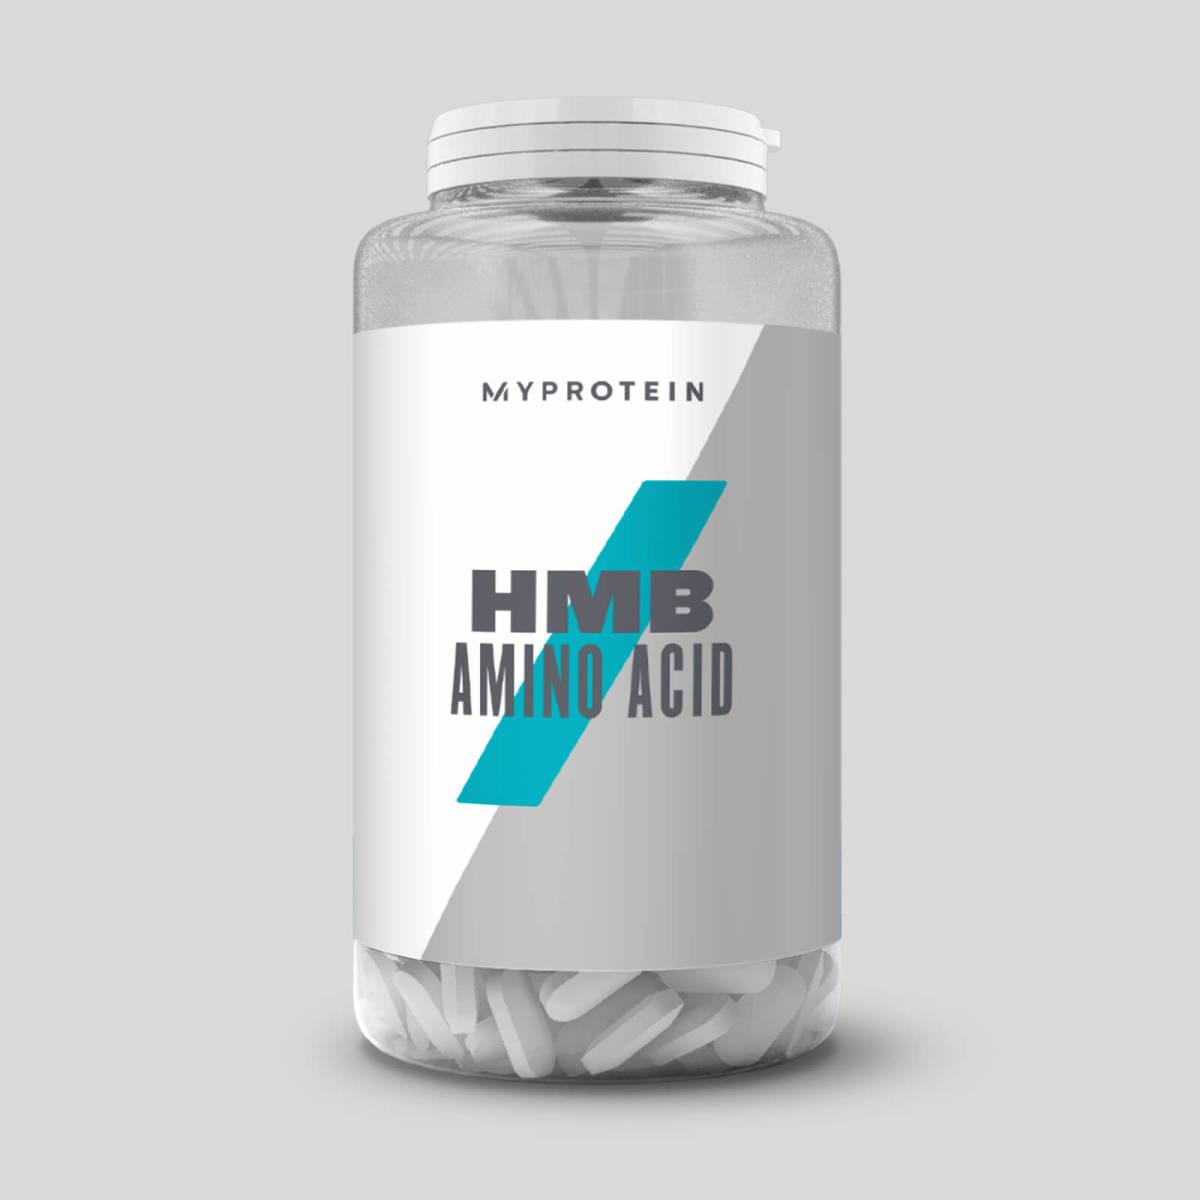 2個セット 新品未開封HMB タブレット 180錠 商品概要 3-ヒドロキシイソ吉草酸 バリン ロイシン イソロイシン BCAA_画像1